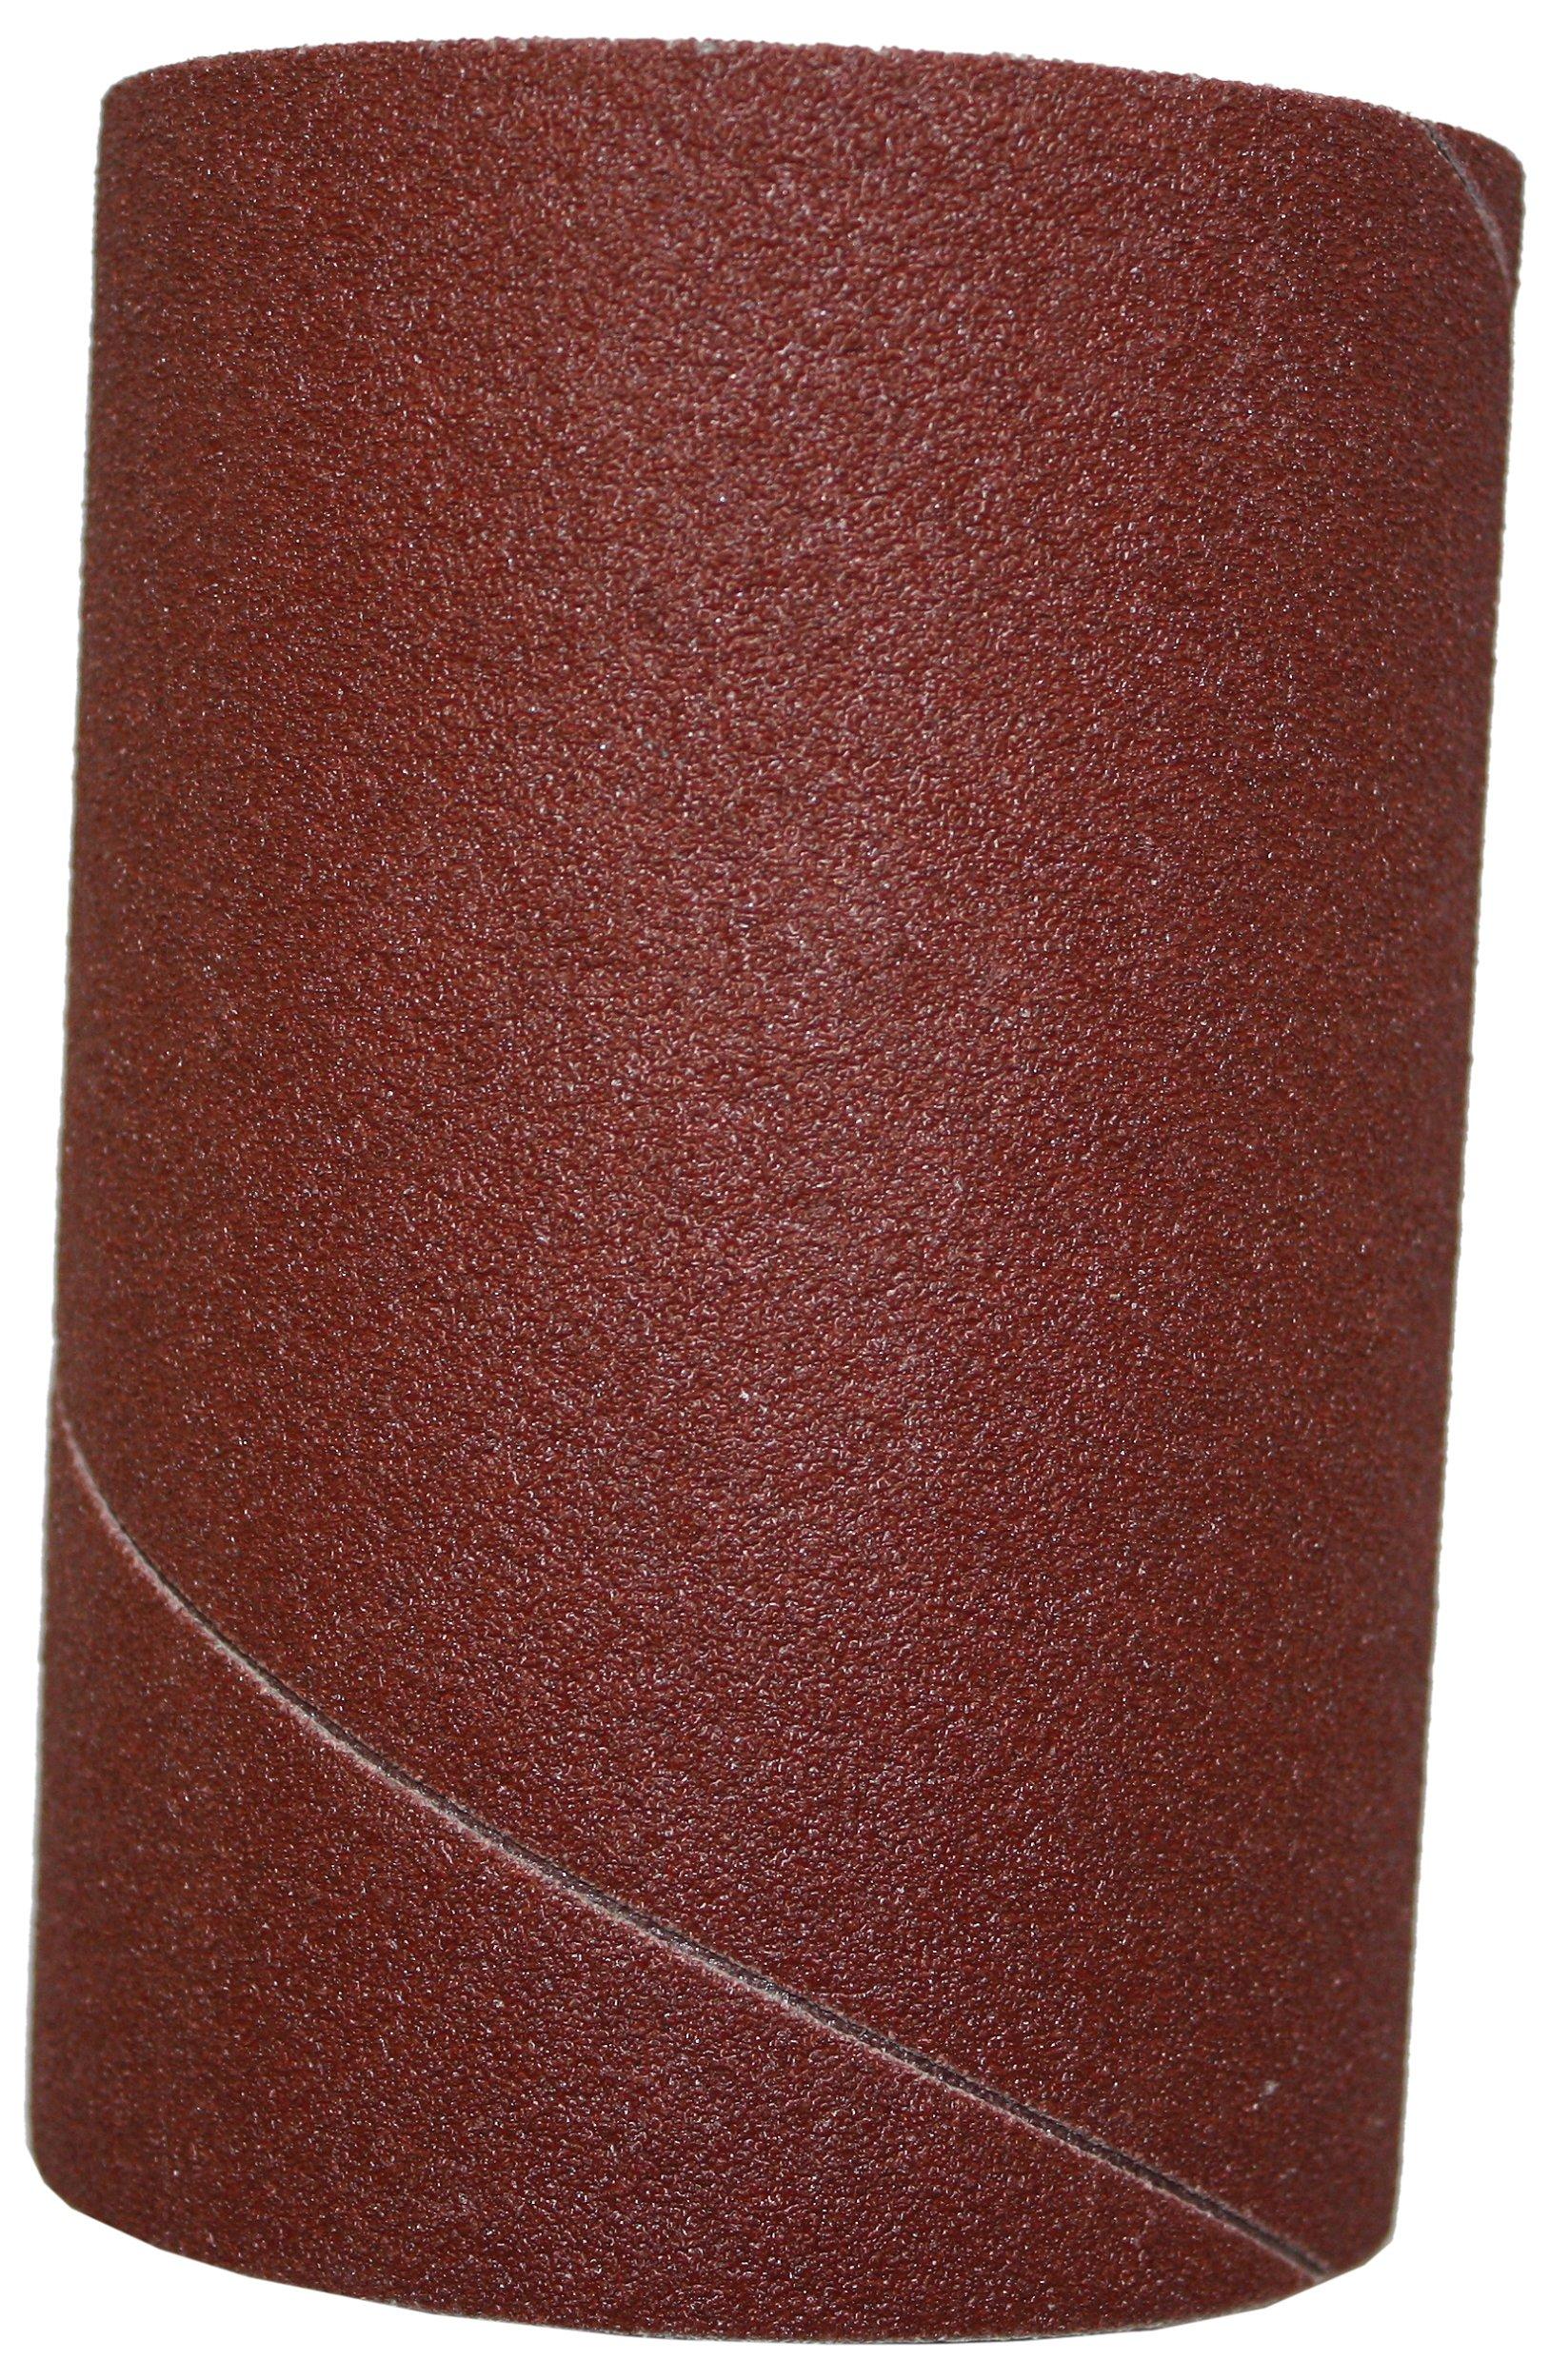 DELTA 31-811 3-Inch 80 Grit Sanding Sleeves for 31-780 Spindle Sander (6-Pack) by DELTA